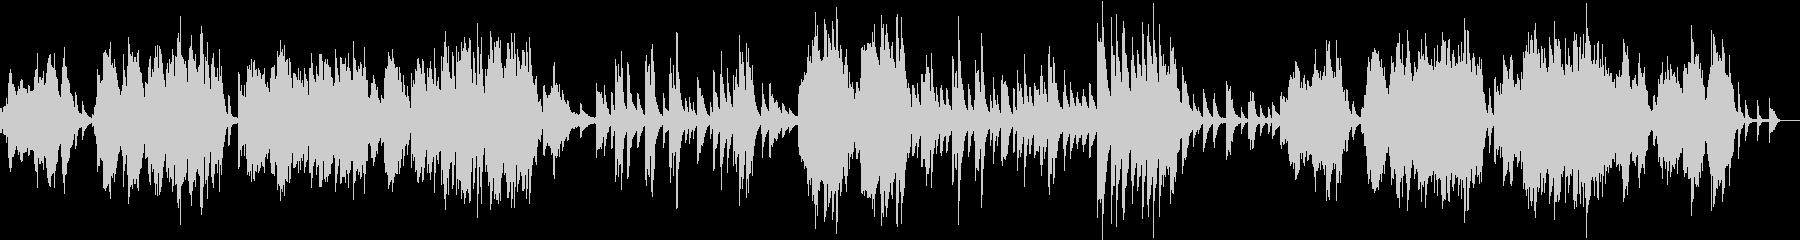 ドビュッシー 2つのアラベスク 第1番の未再生の波形